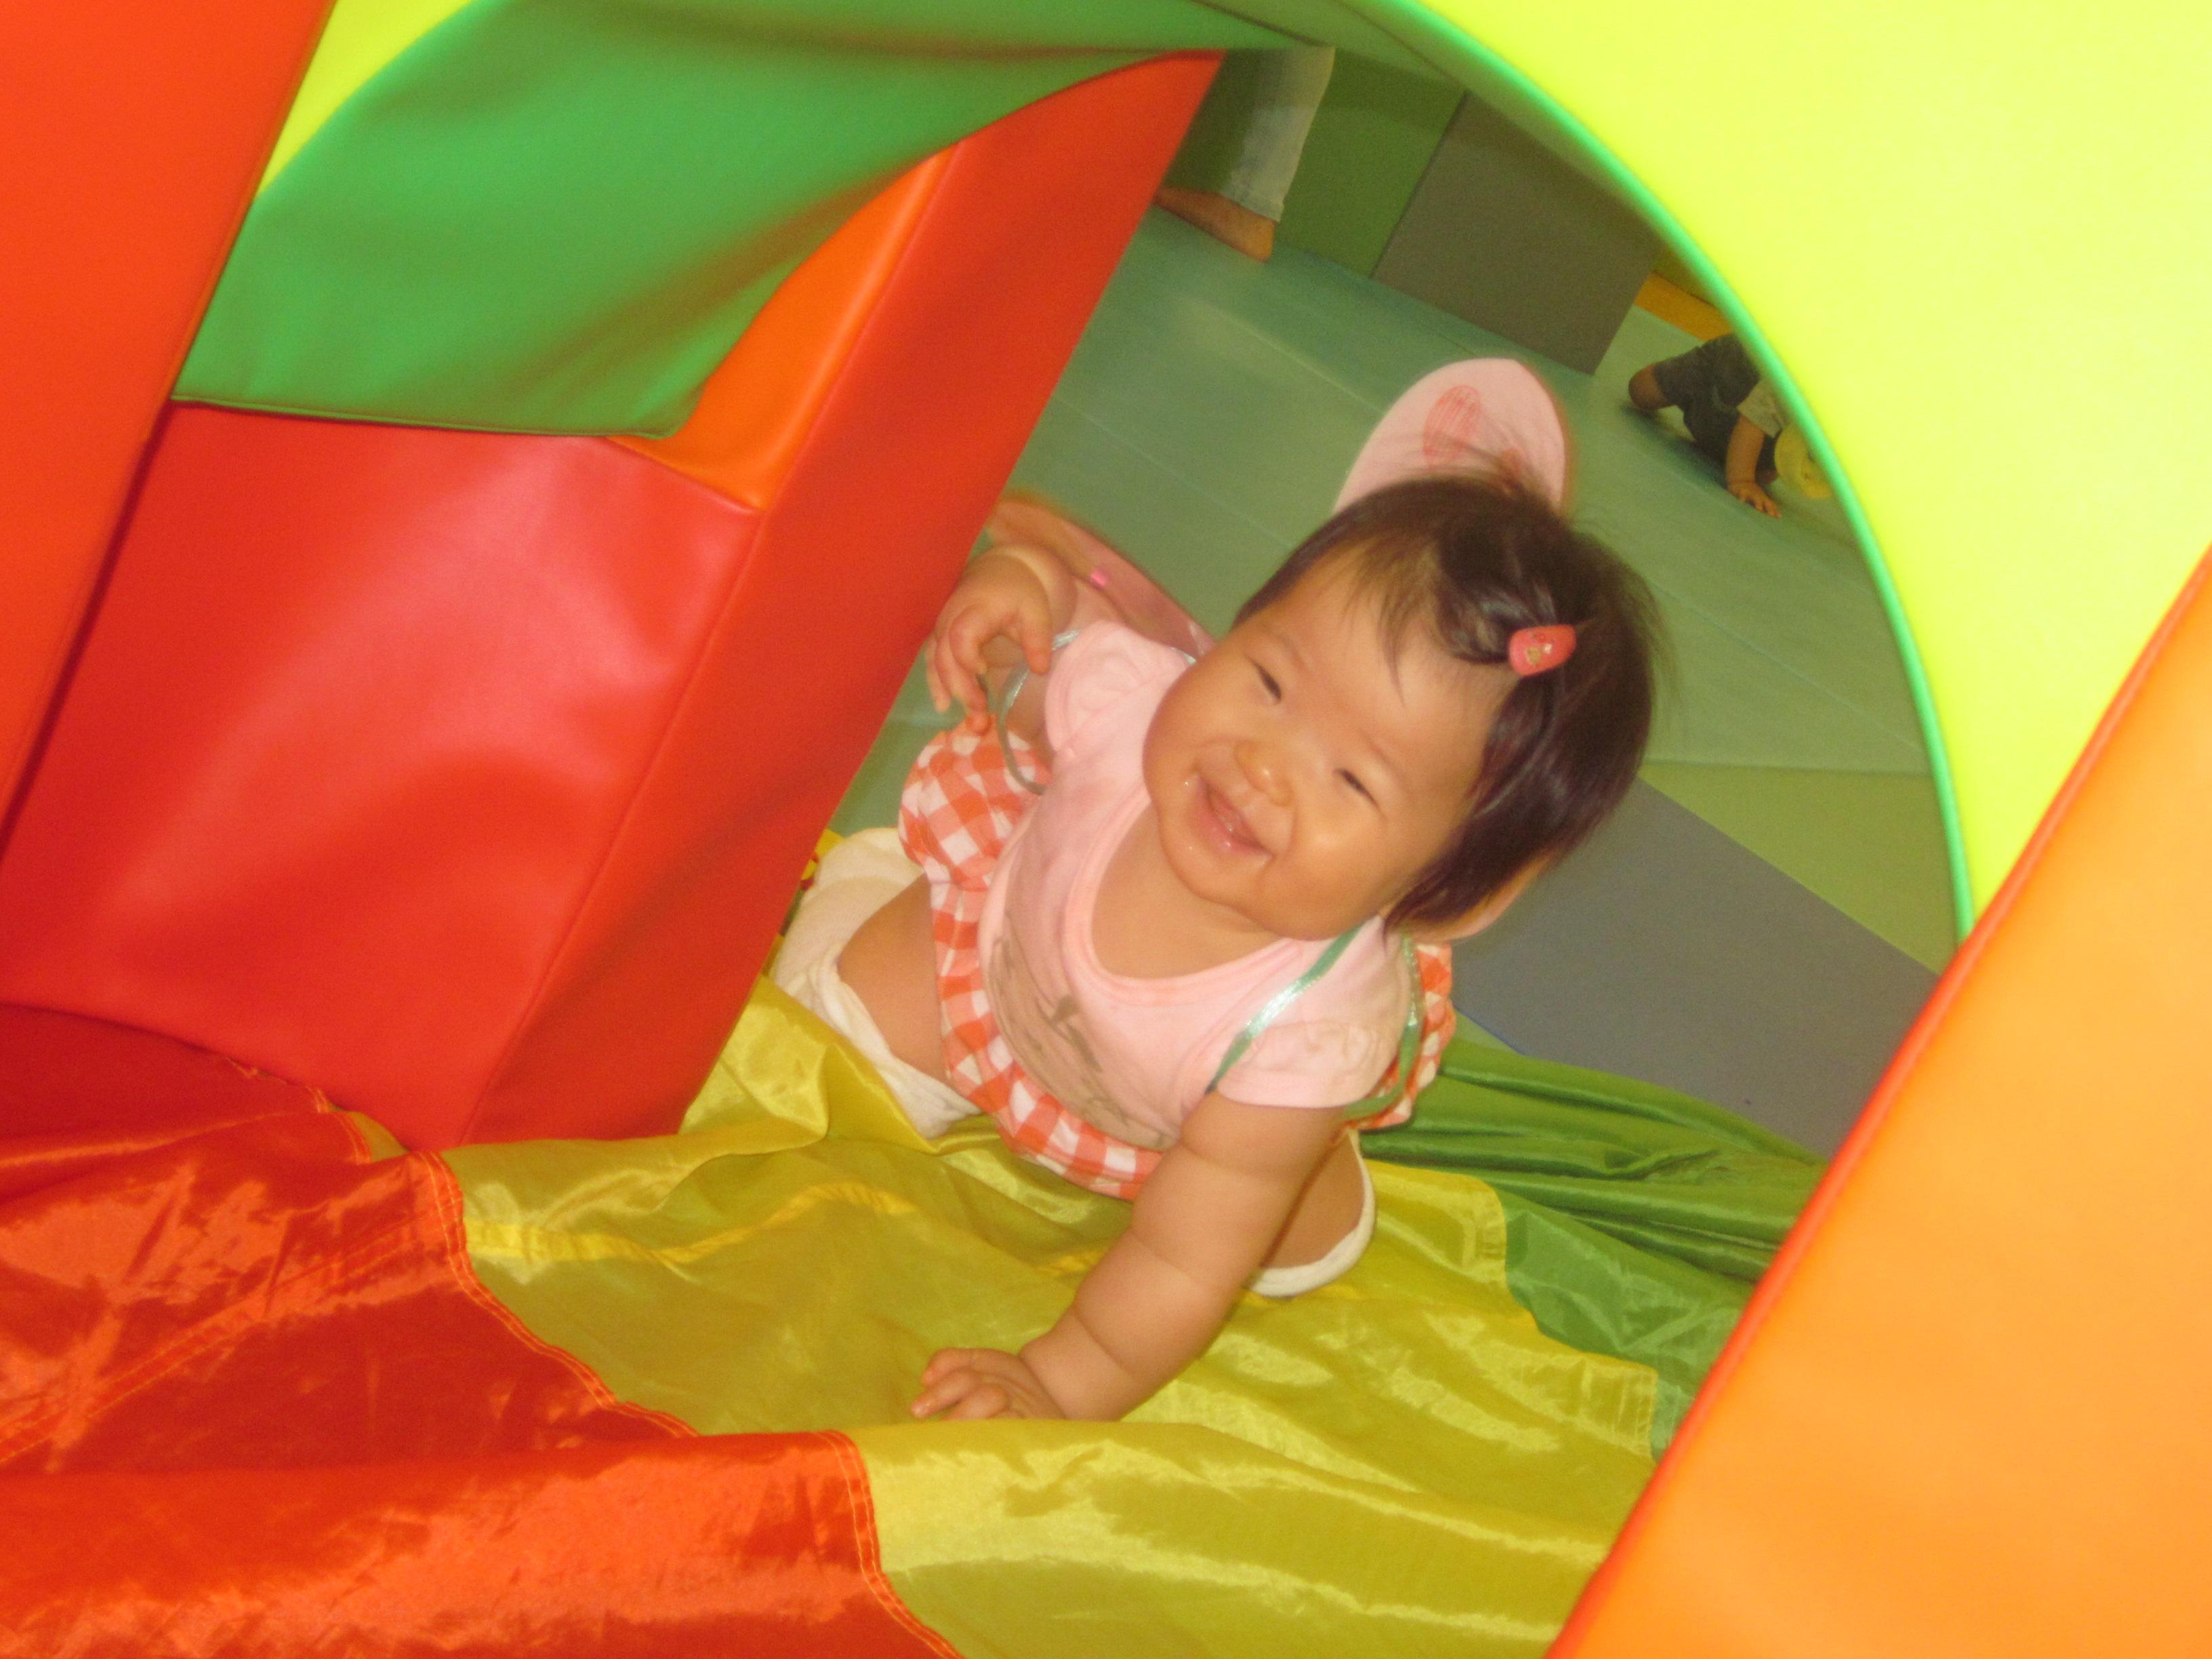 9月28日 赤ちゃんの日イベント「大きなどんぐりをみつけに行こう!」を行います